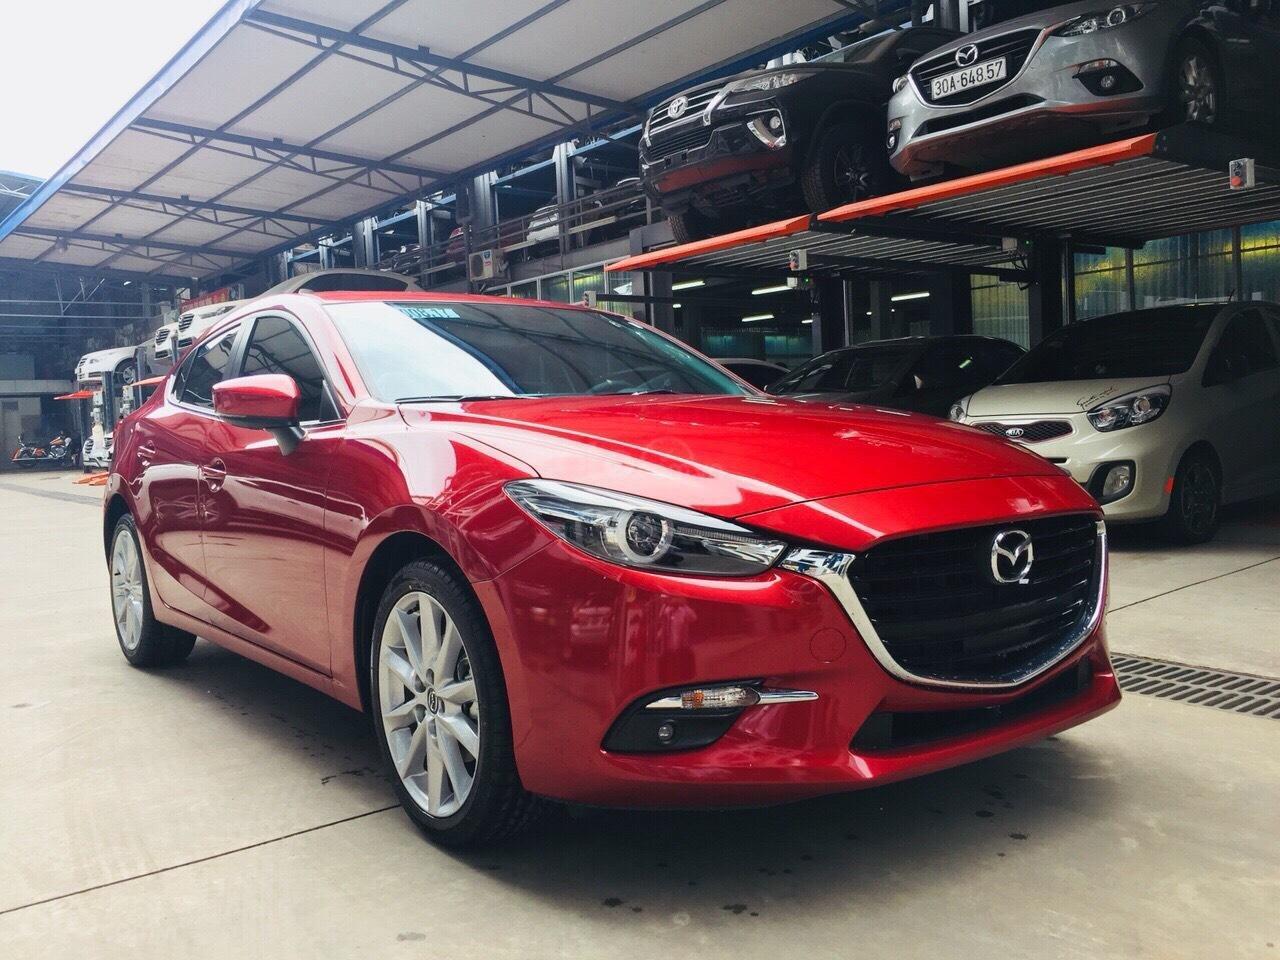 Chỉ 180tr nhận Mazda 3 tháng 11 giảm giá 70tr TG 90%, đủ màu, hỗ trợ ĐKĐK, giải quyết nợ xấu, LH Ms Thu 0981485819 (2)